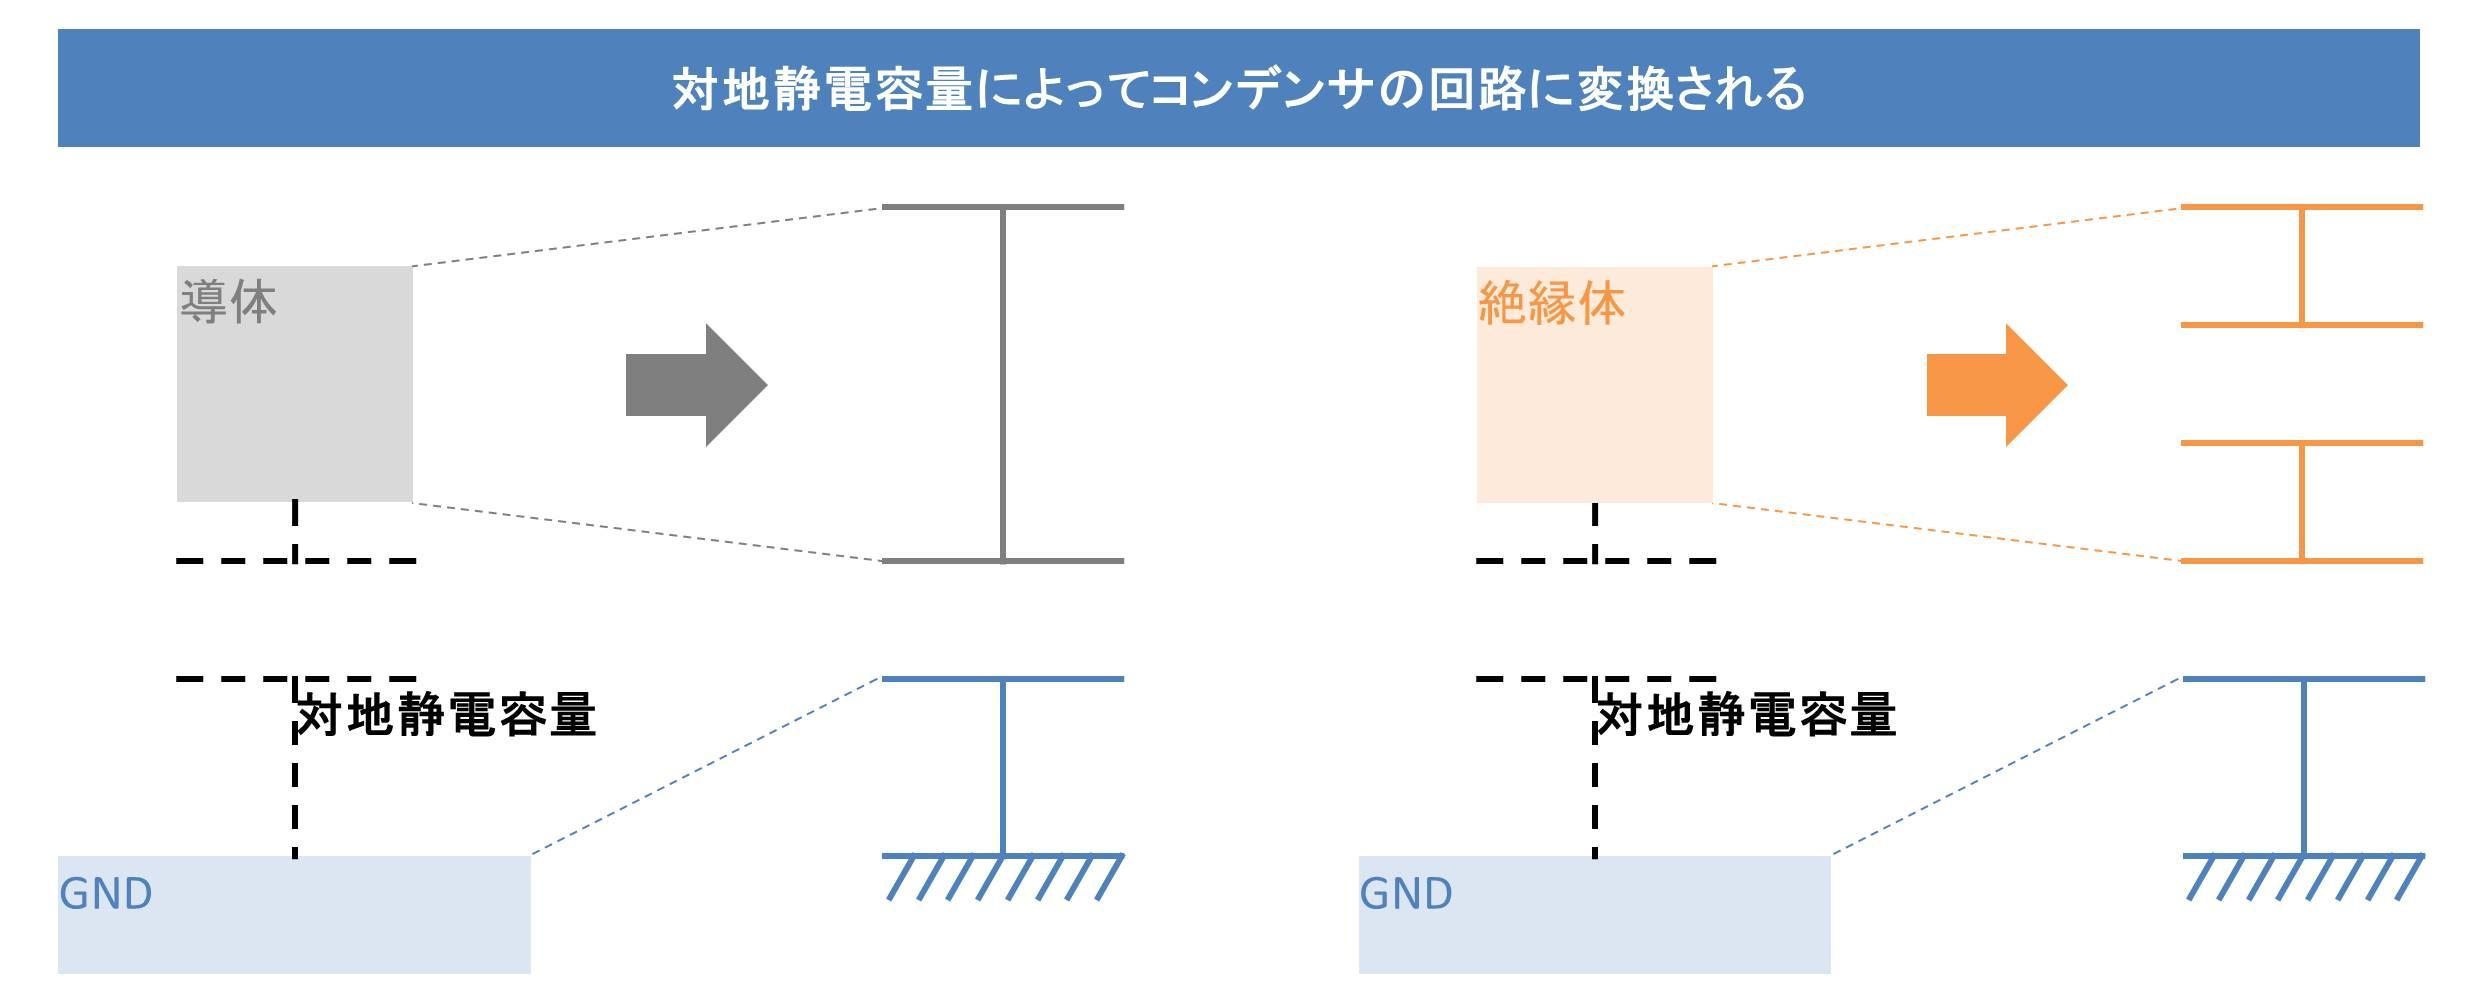 対地静電容量というコンデンサ